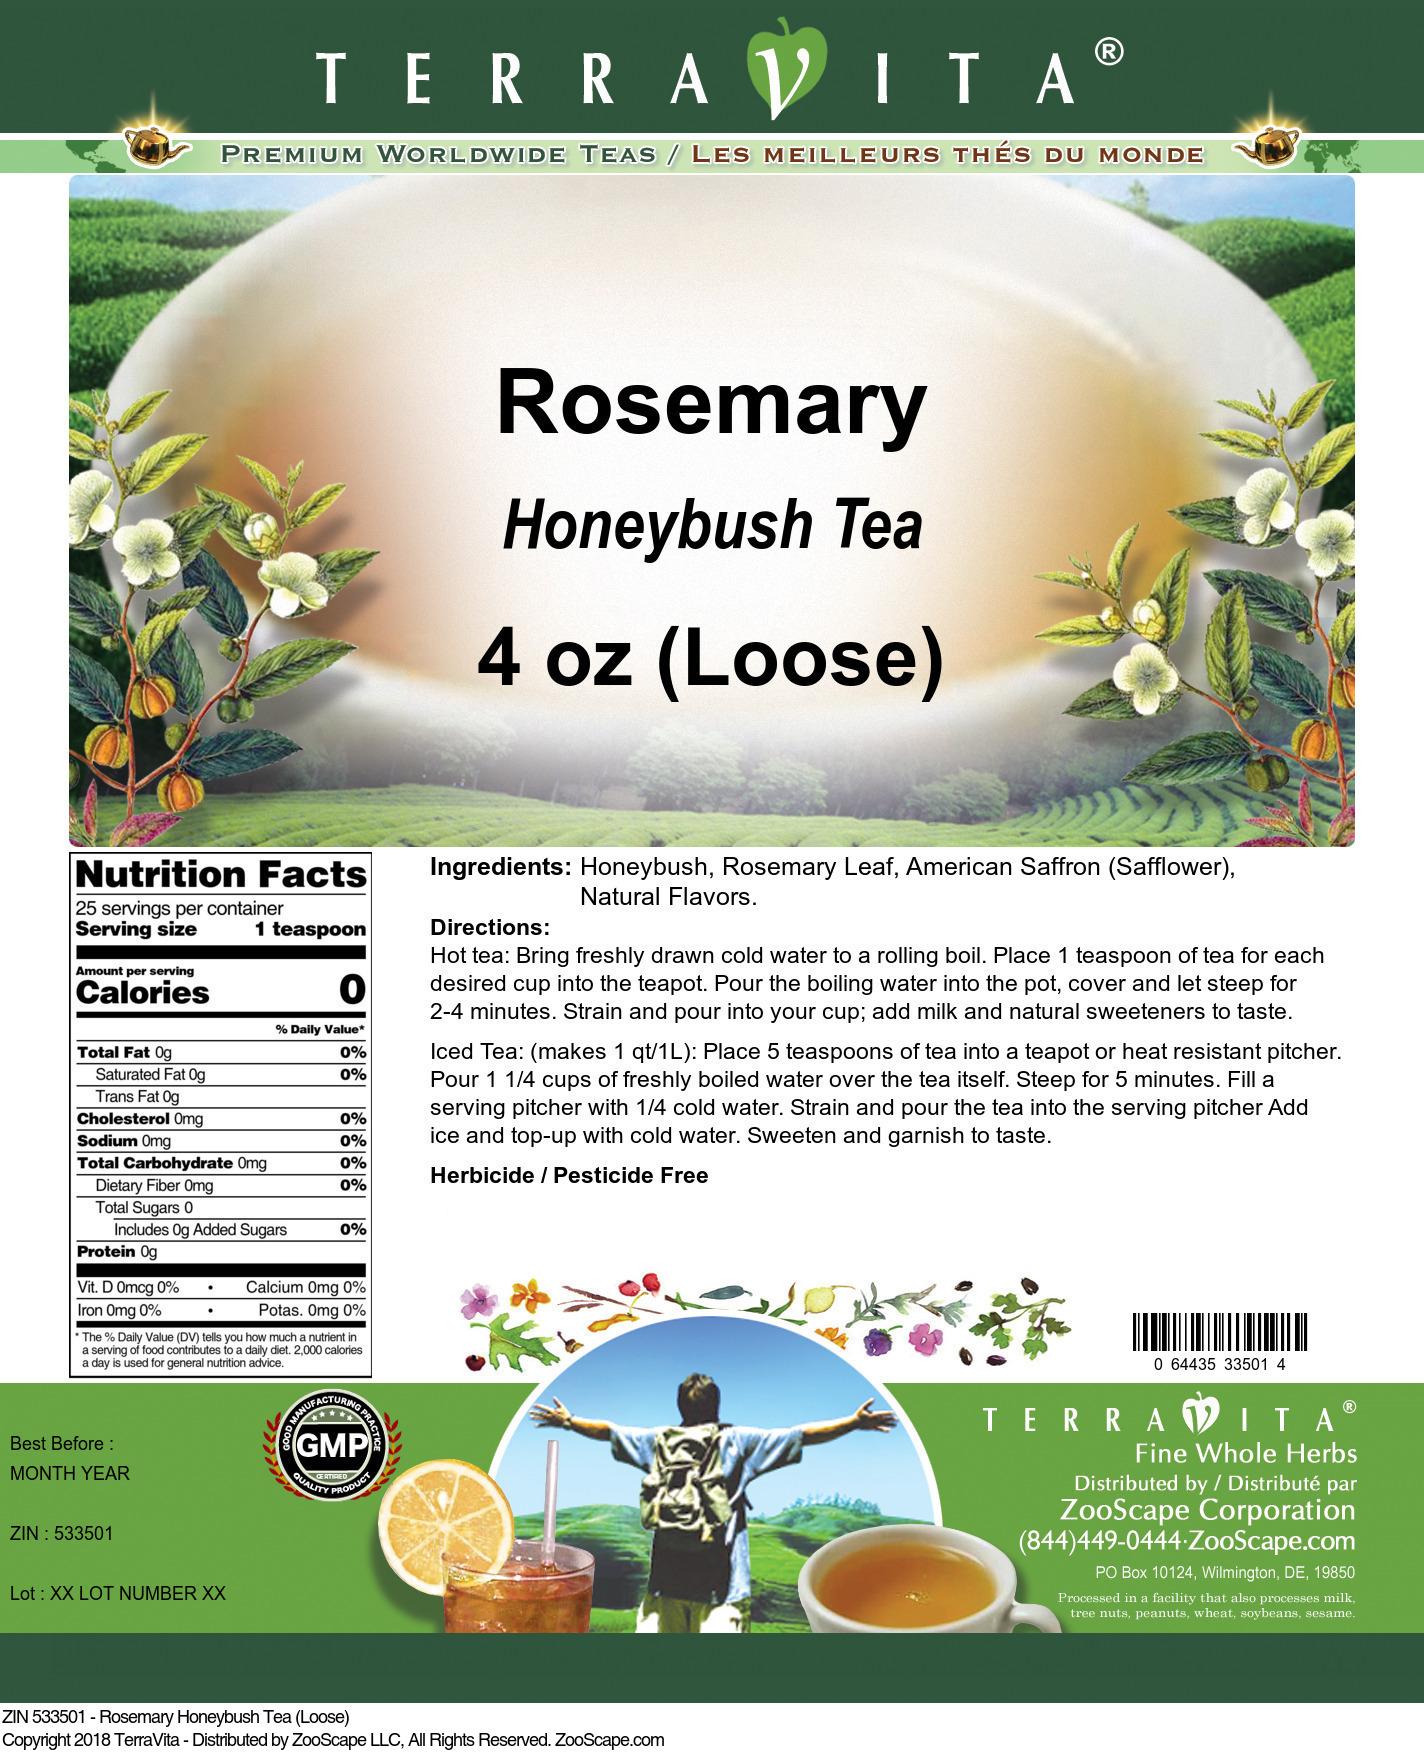 Rosemary Honeybush Tea